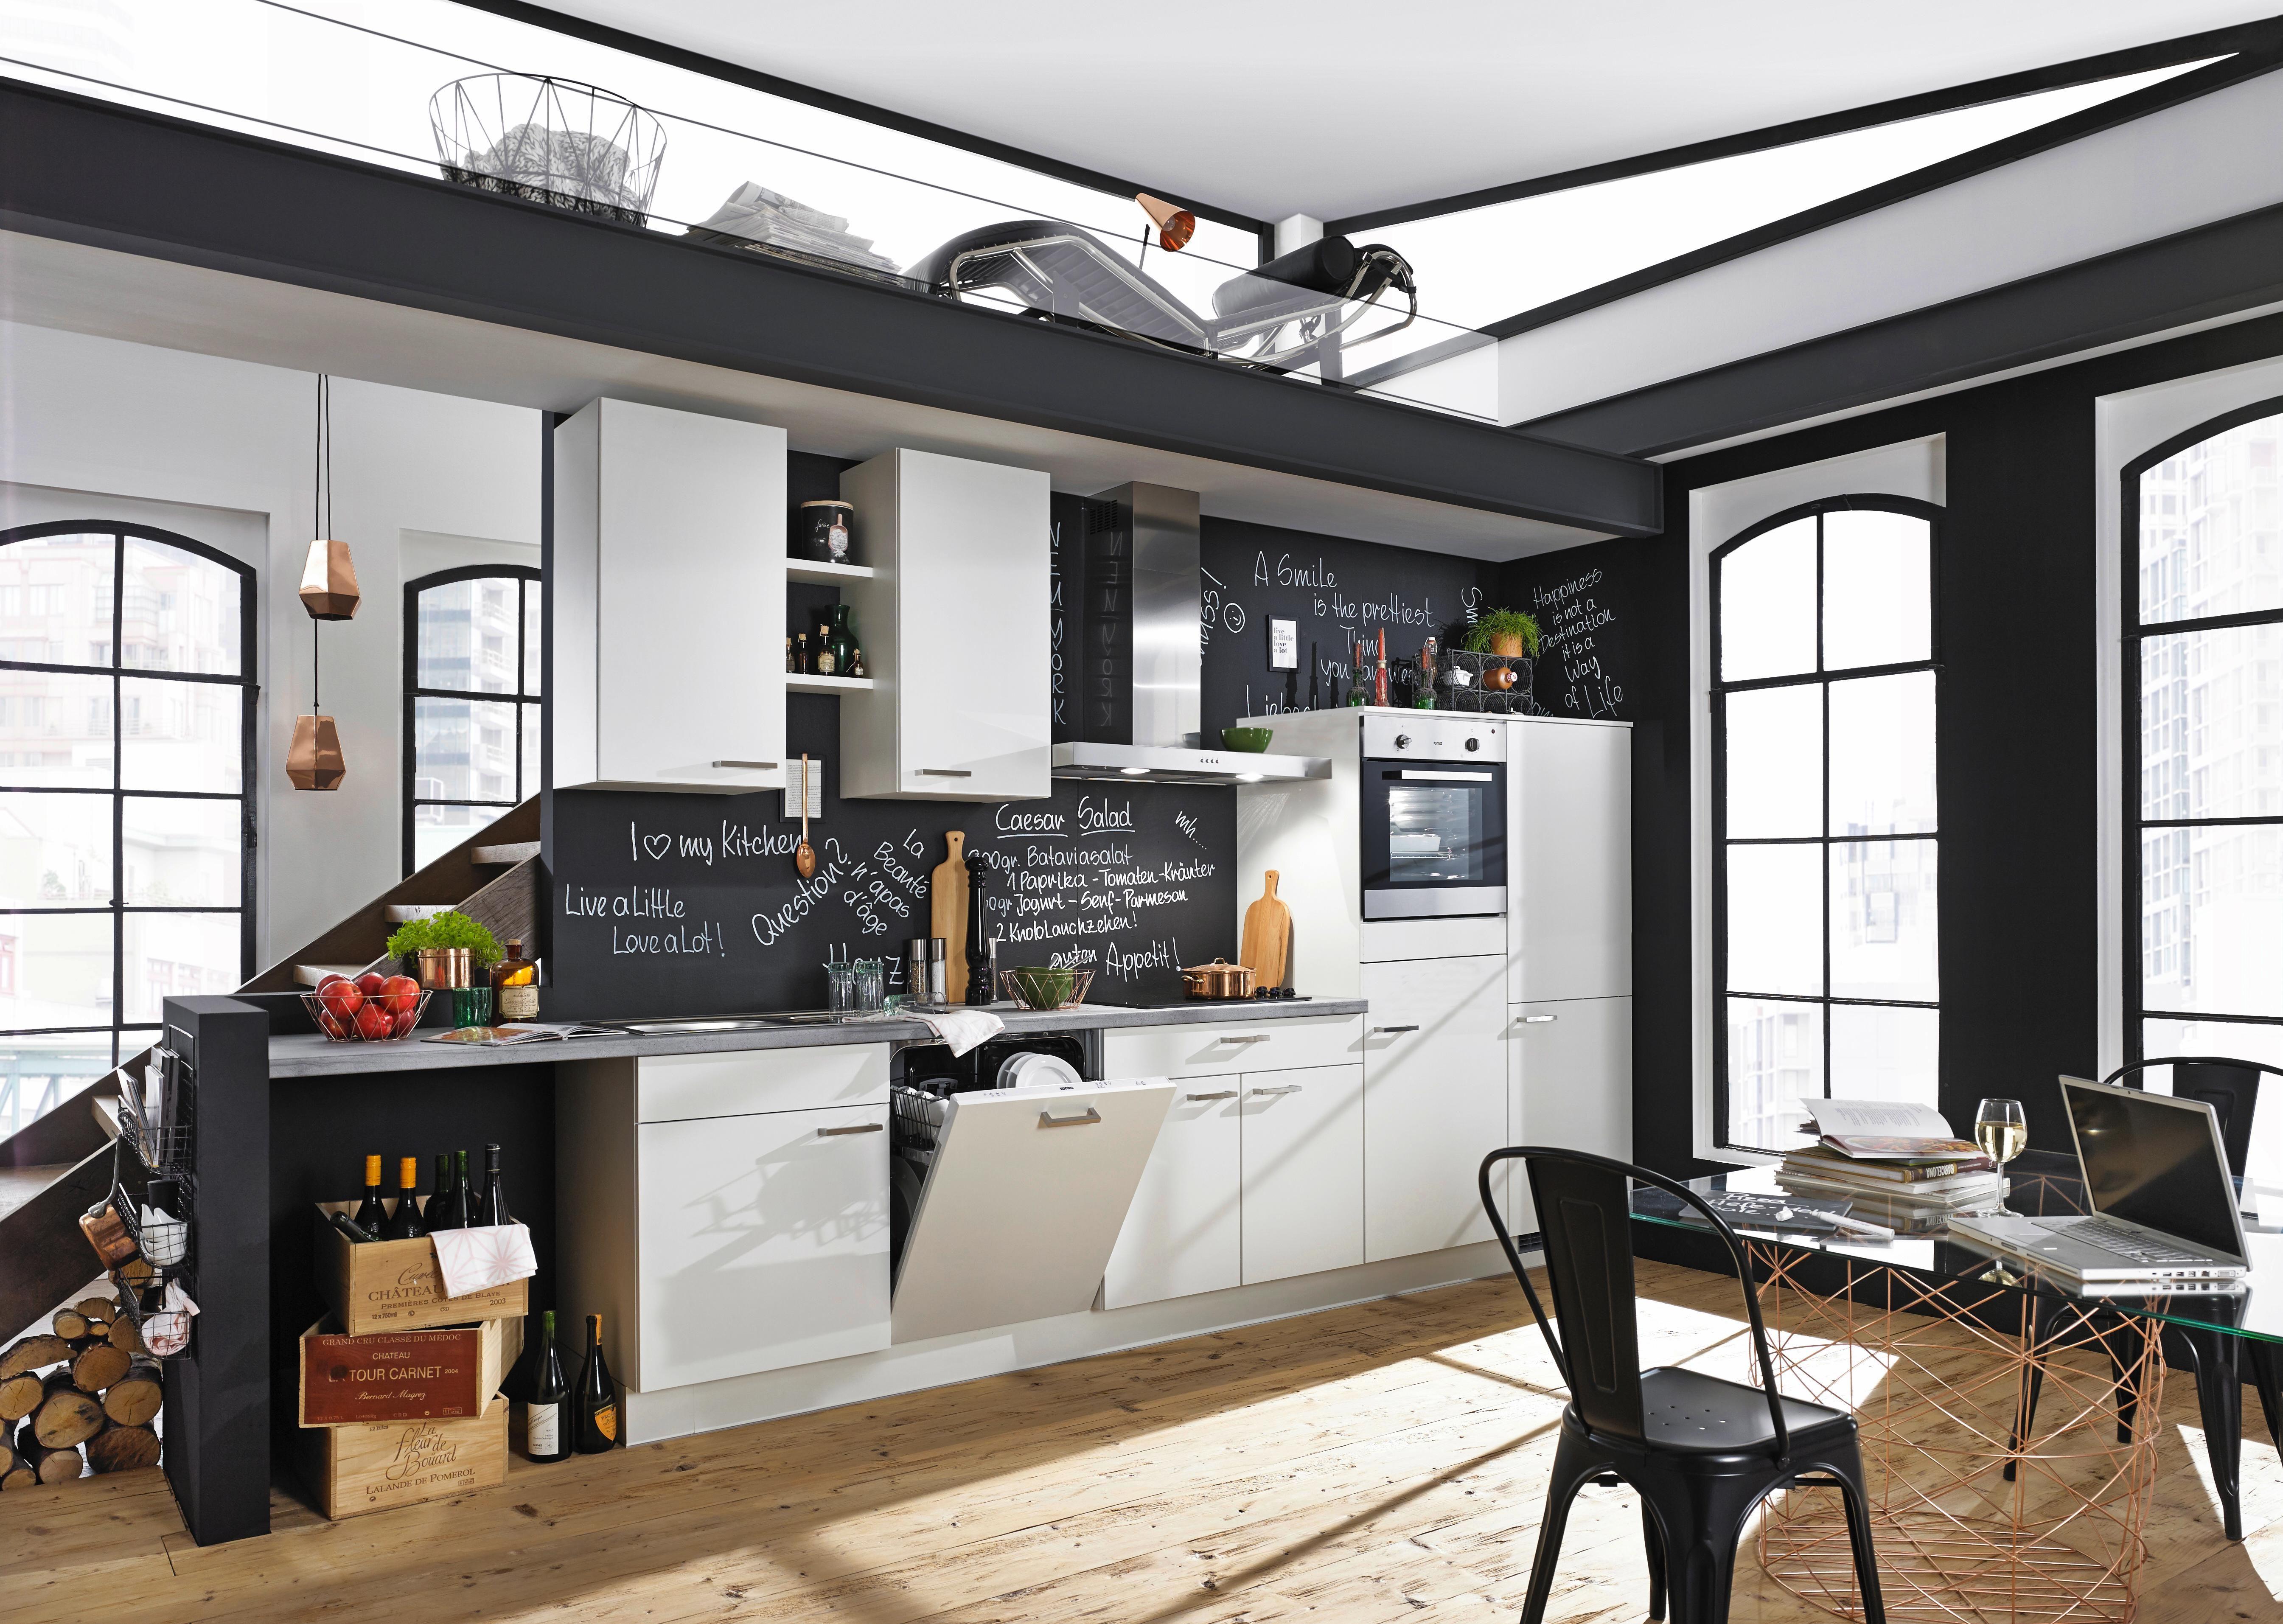 Vestavná Kuchyň Pn 80 - (360cm) - Vertico